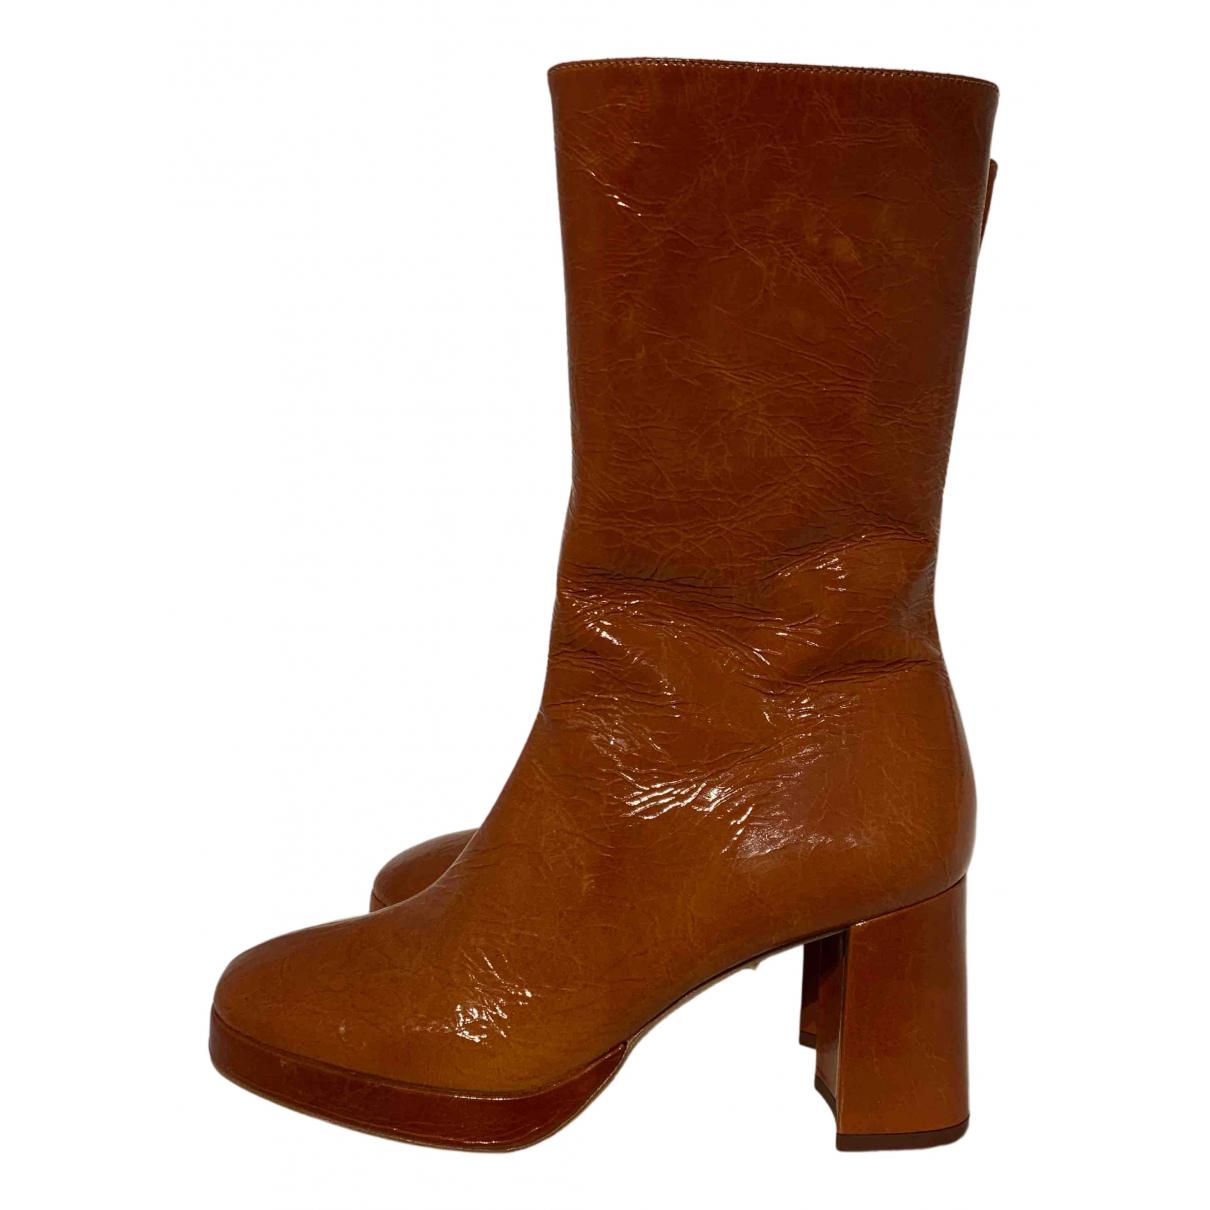 Miista - Boots   pour femme en cuir - camel